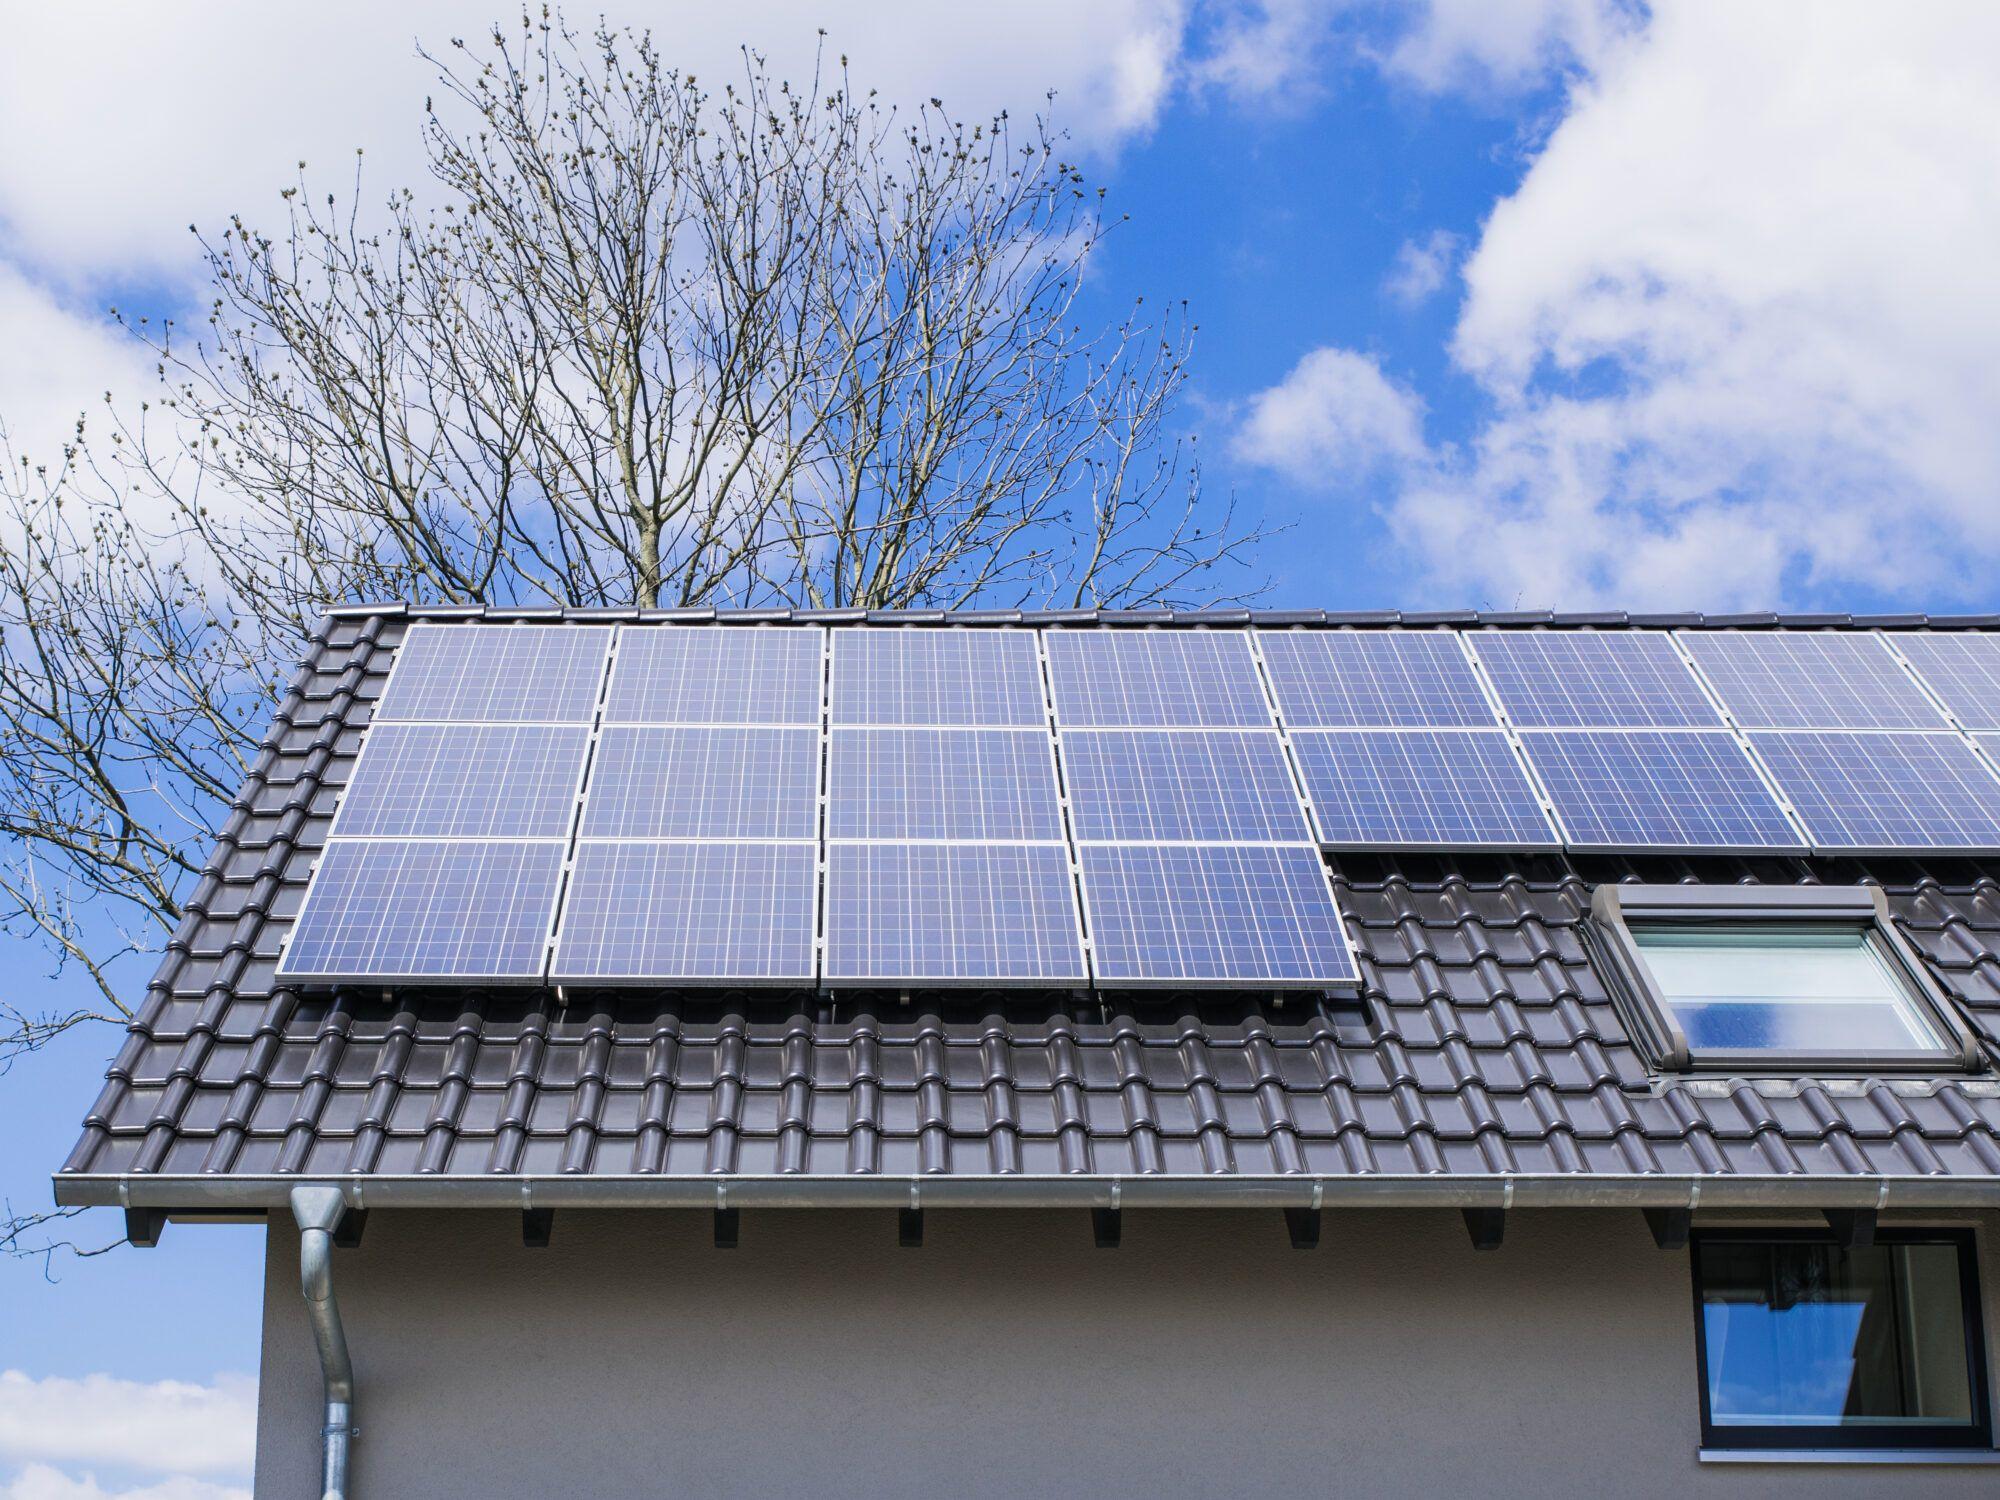 Zijn zonnepanelen verzekerd?